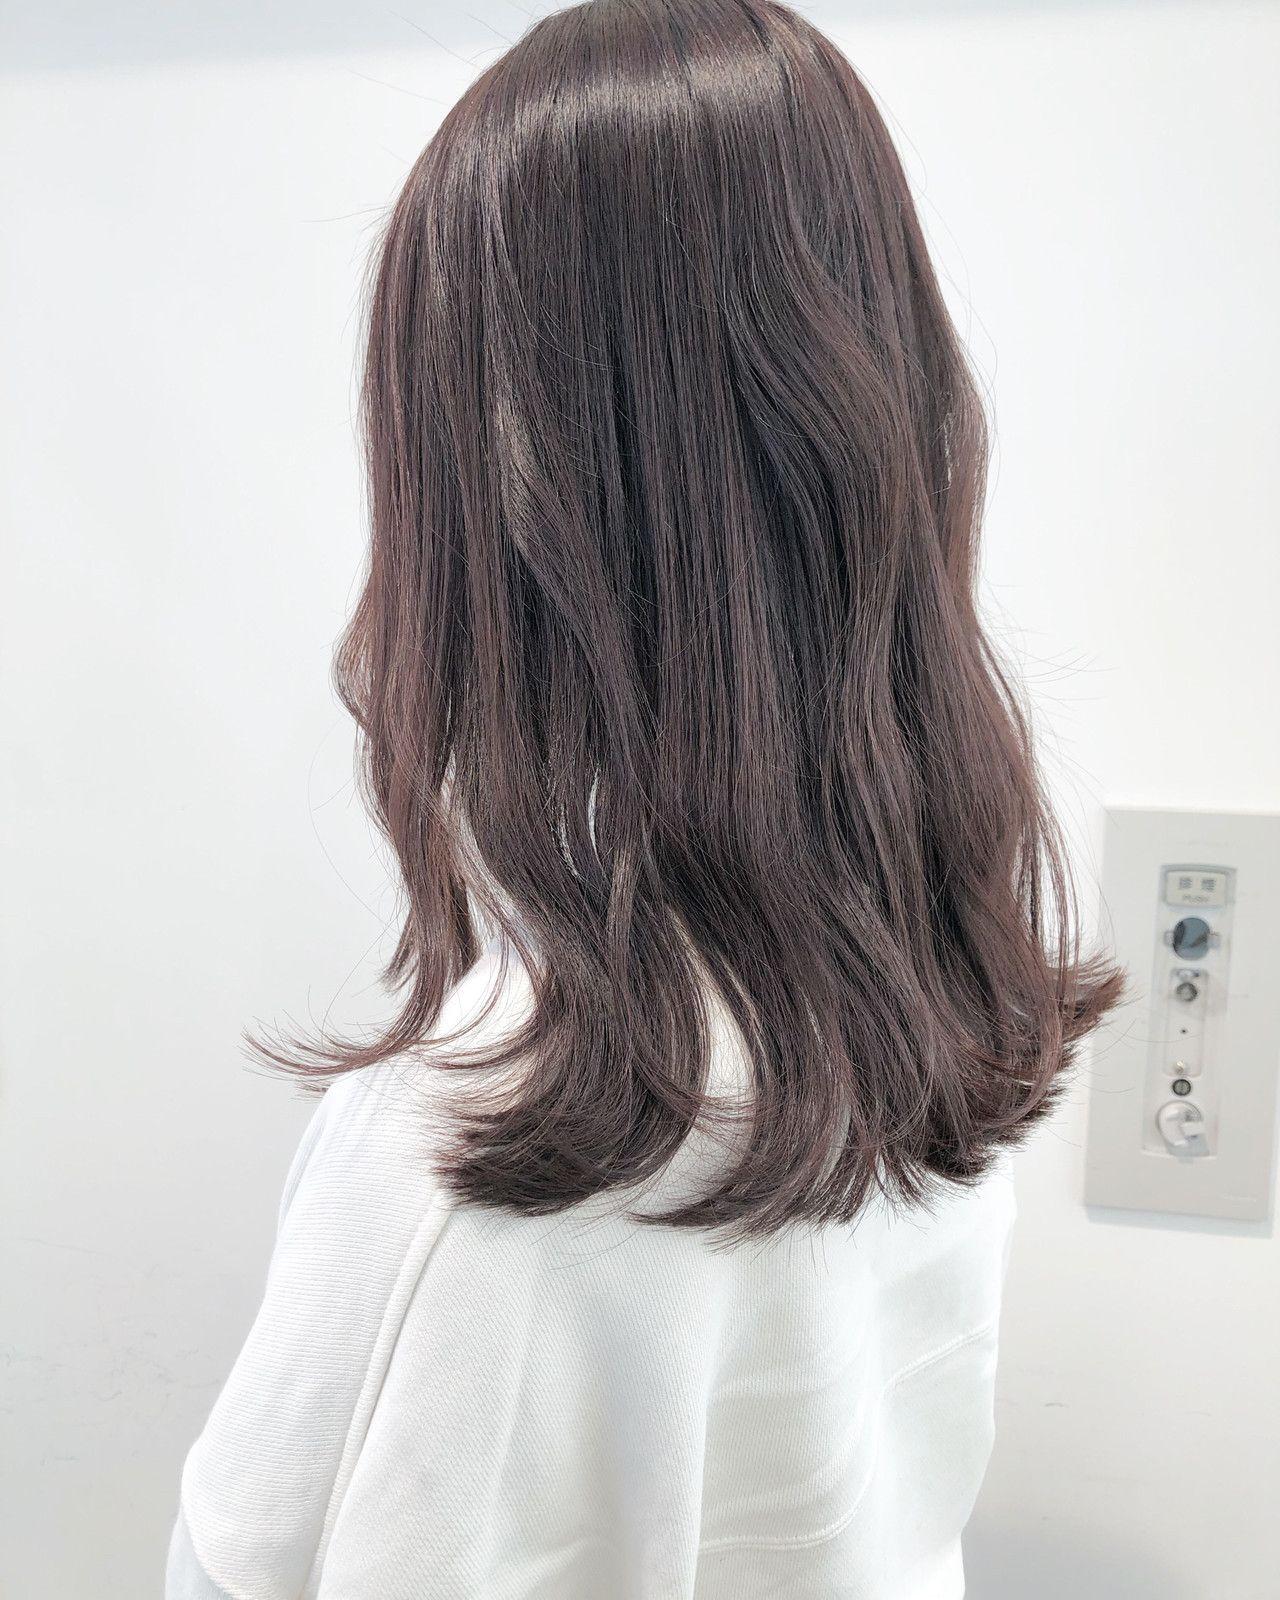 髪色はダークブラウンで旬顔になれる 今っぽヘアカラー大特集 髪 色 ダークブラウン ヘアカラー ヘア アイディア